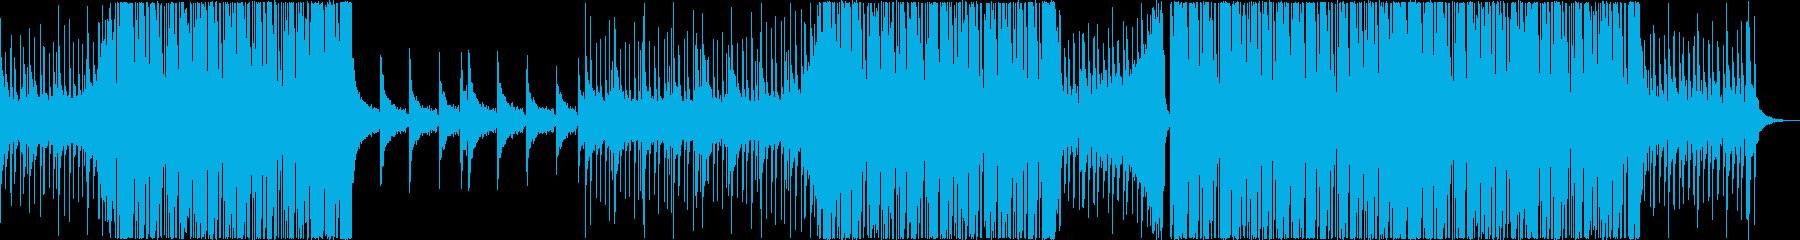 パーティーチューンなトロピカルハウス#2の再生済みの波形